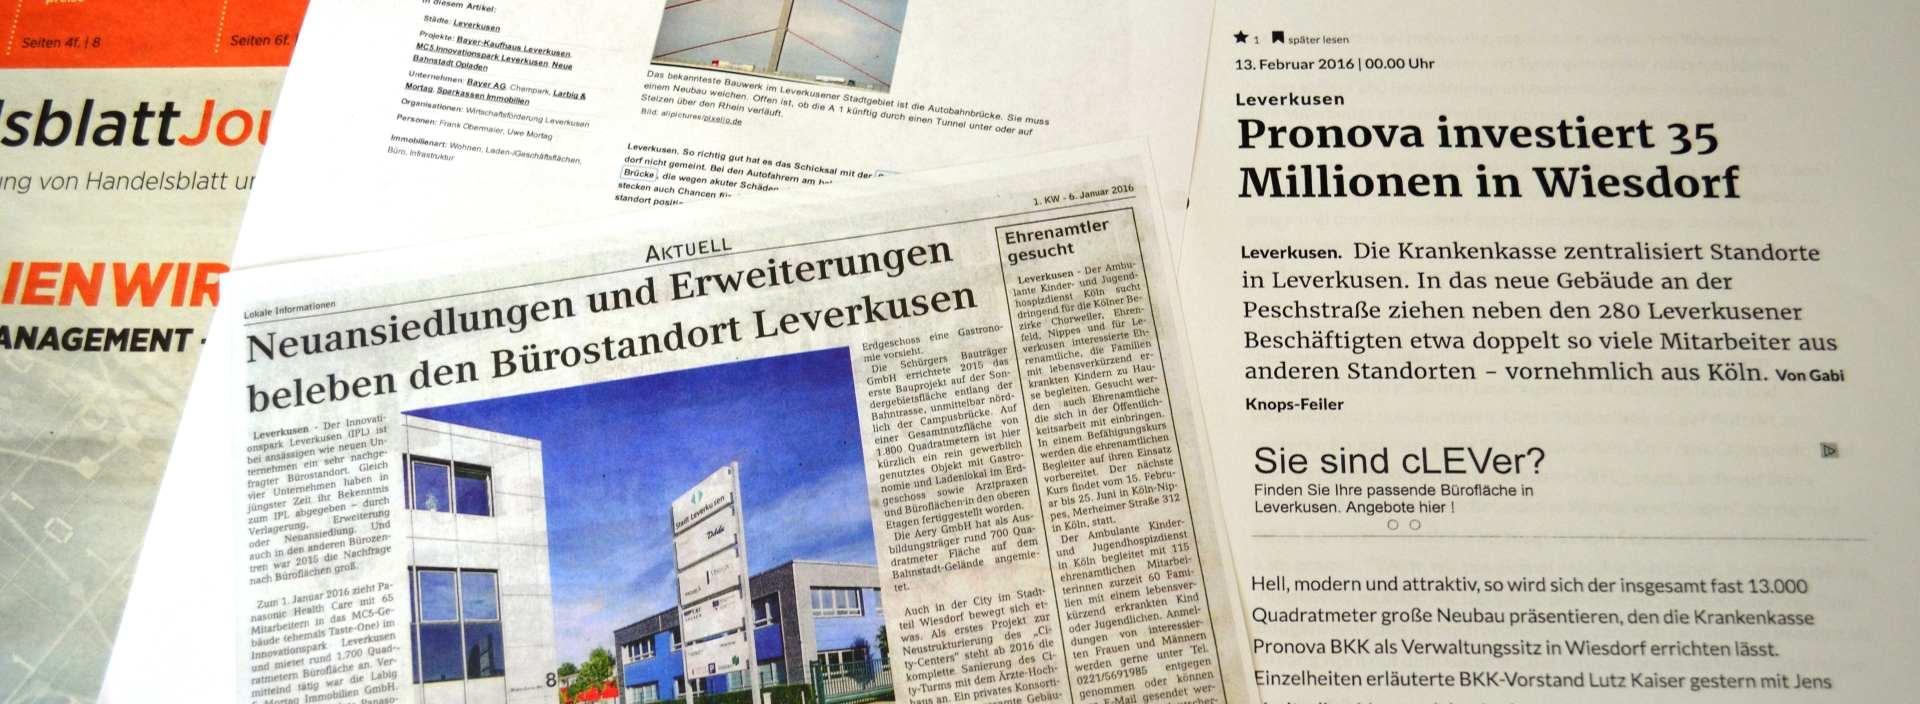 Presse Standort Leverkusen